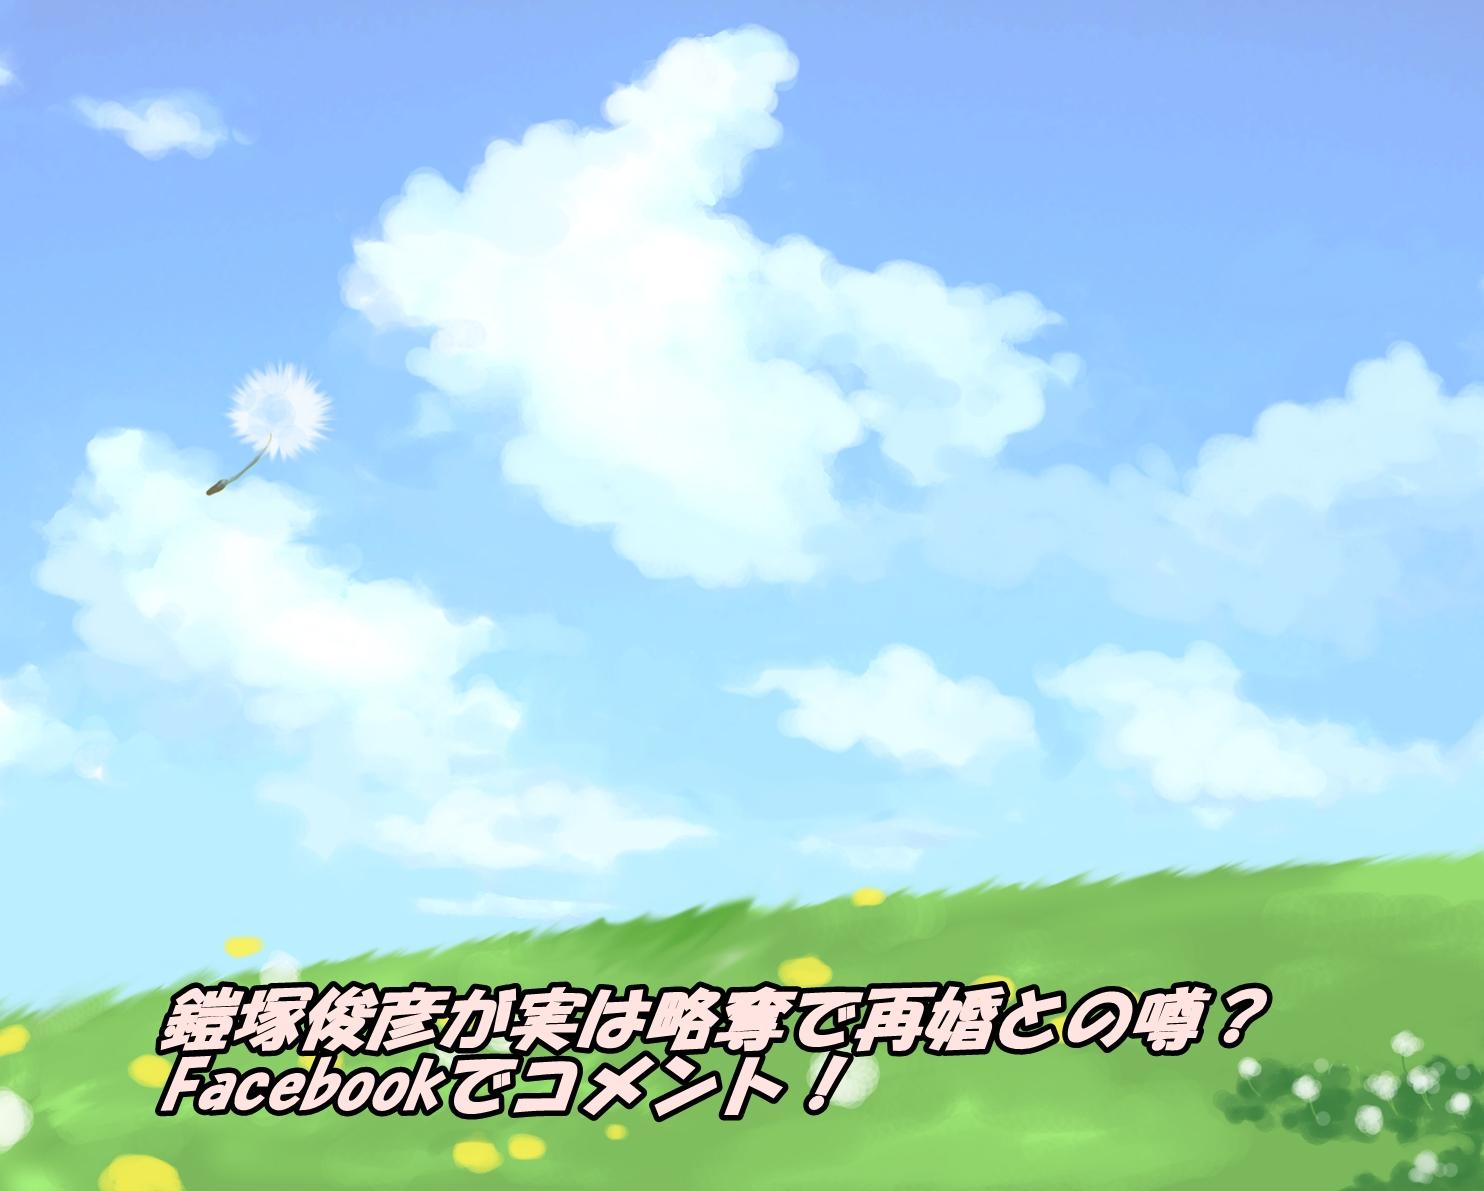 鎧塚俊彦が実は略奪で再婚との噂?Facebookでコメント!